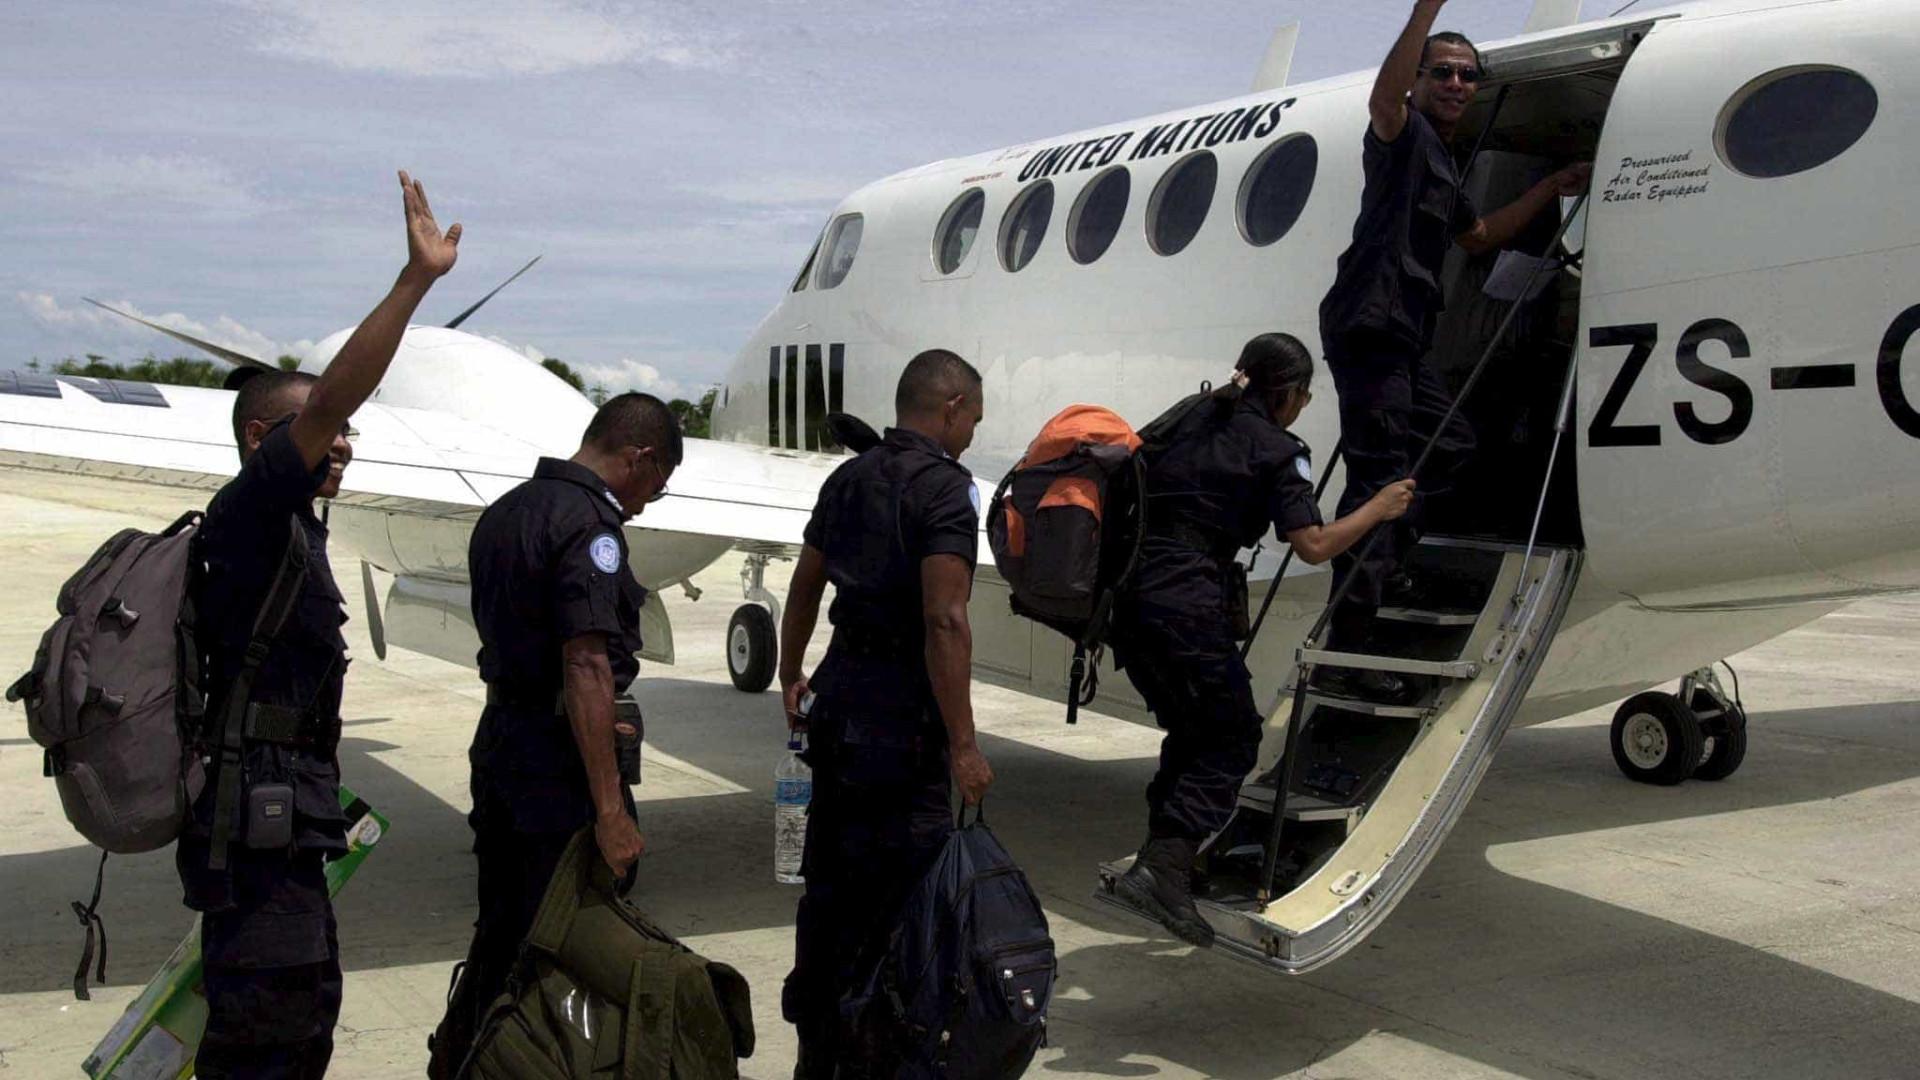 Aeroporto Dili : Notícias ao minuto falta de eletricidade no aeroporto de díli